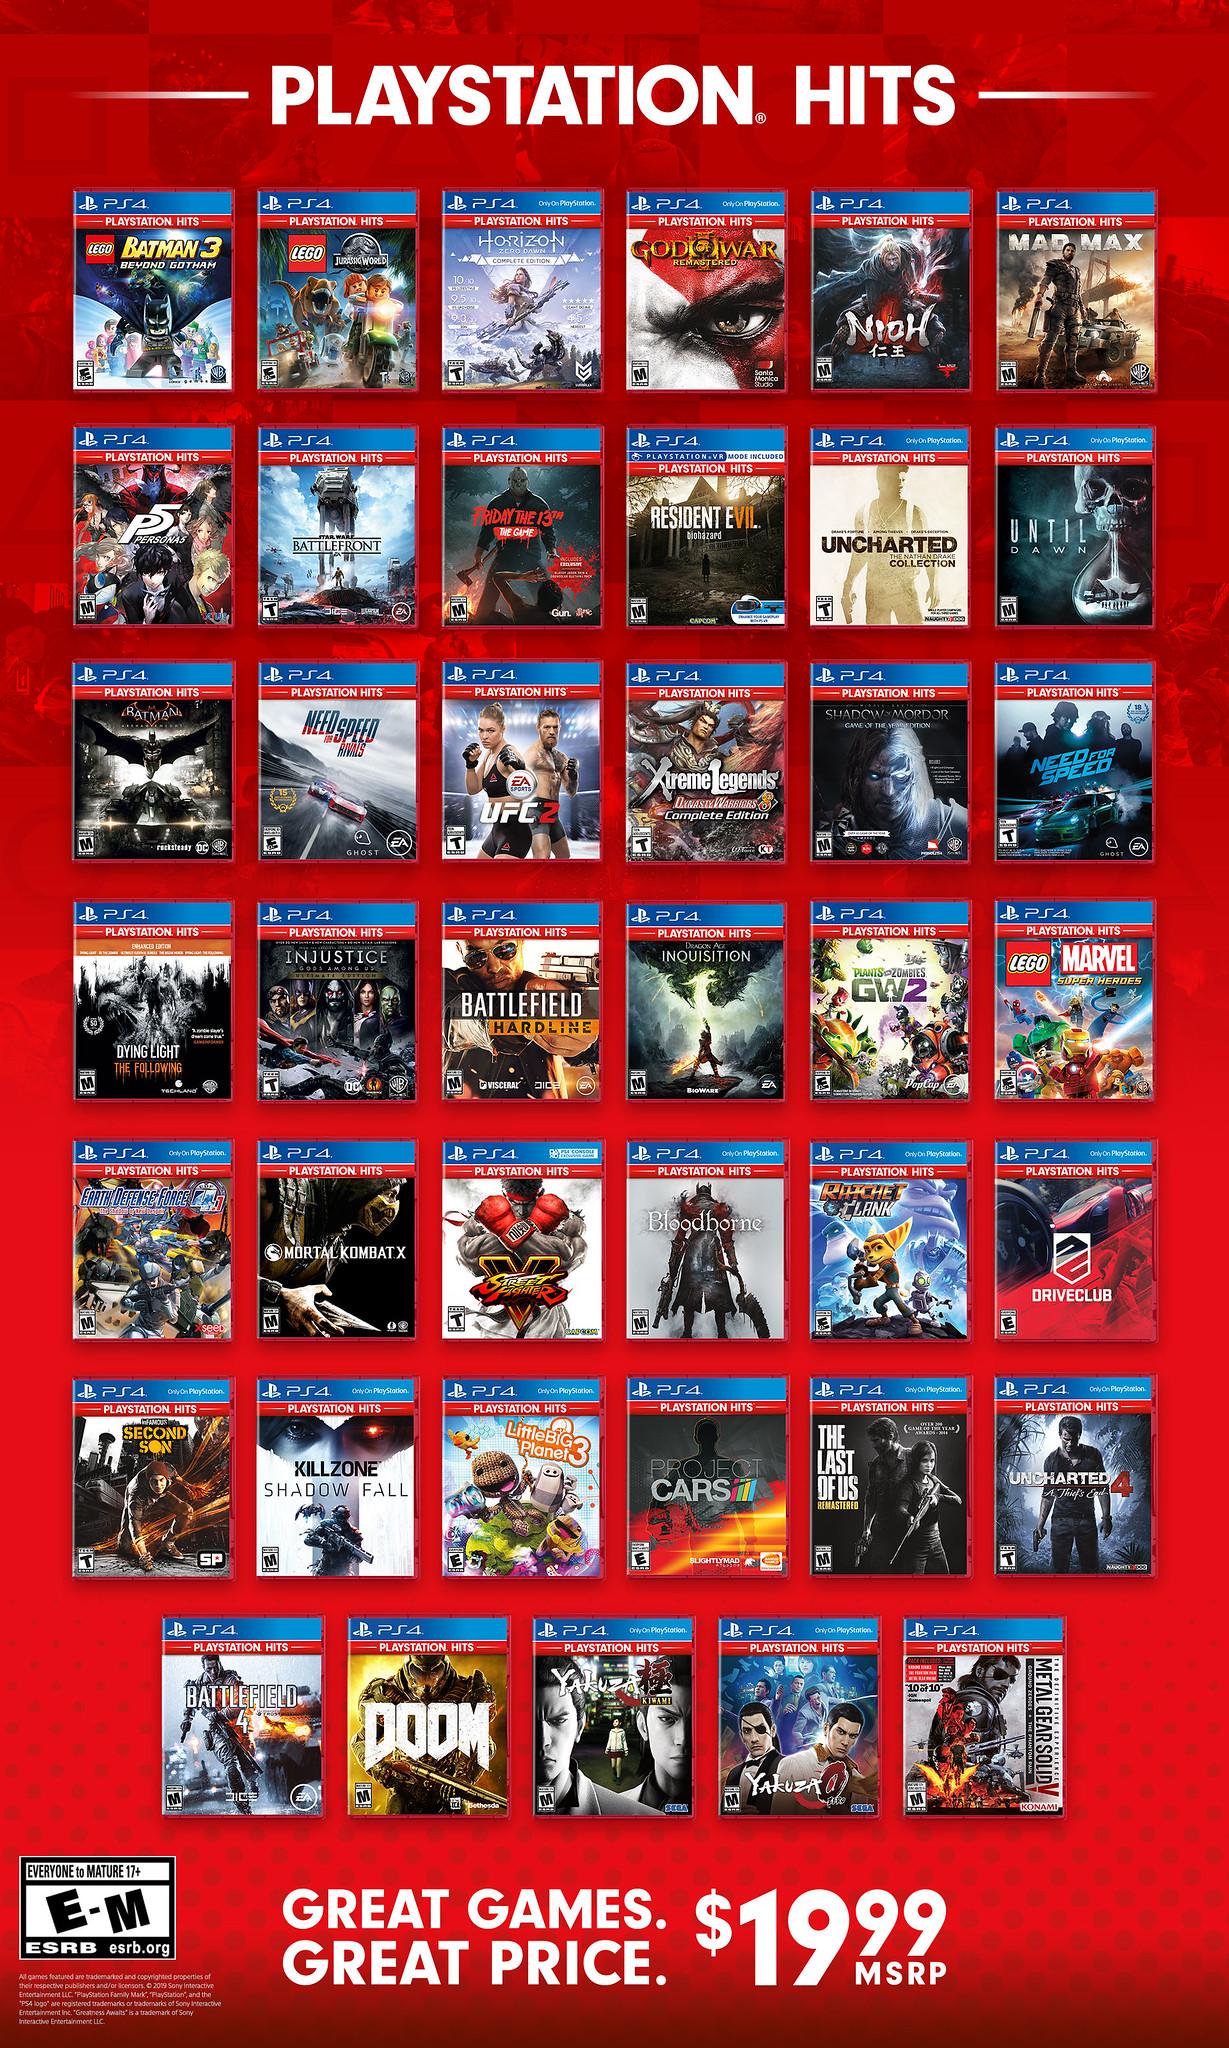 只要19.99美元! 《P5》《战神3》6月28日加入PS Hits